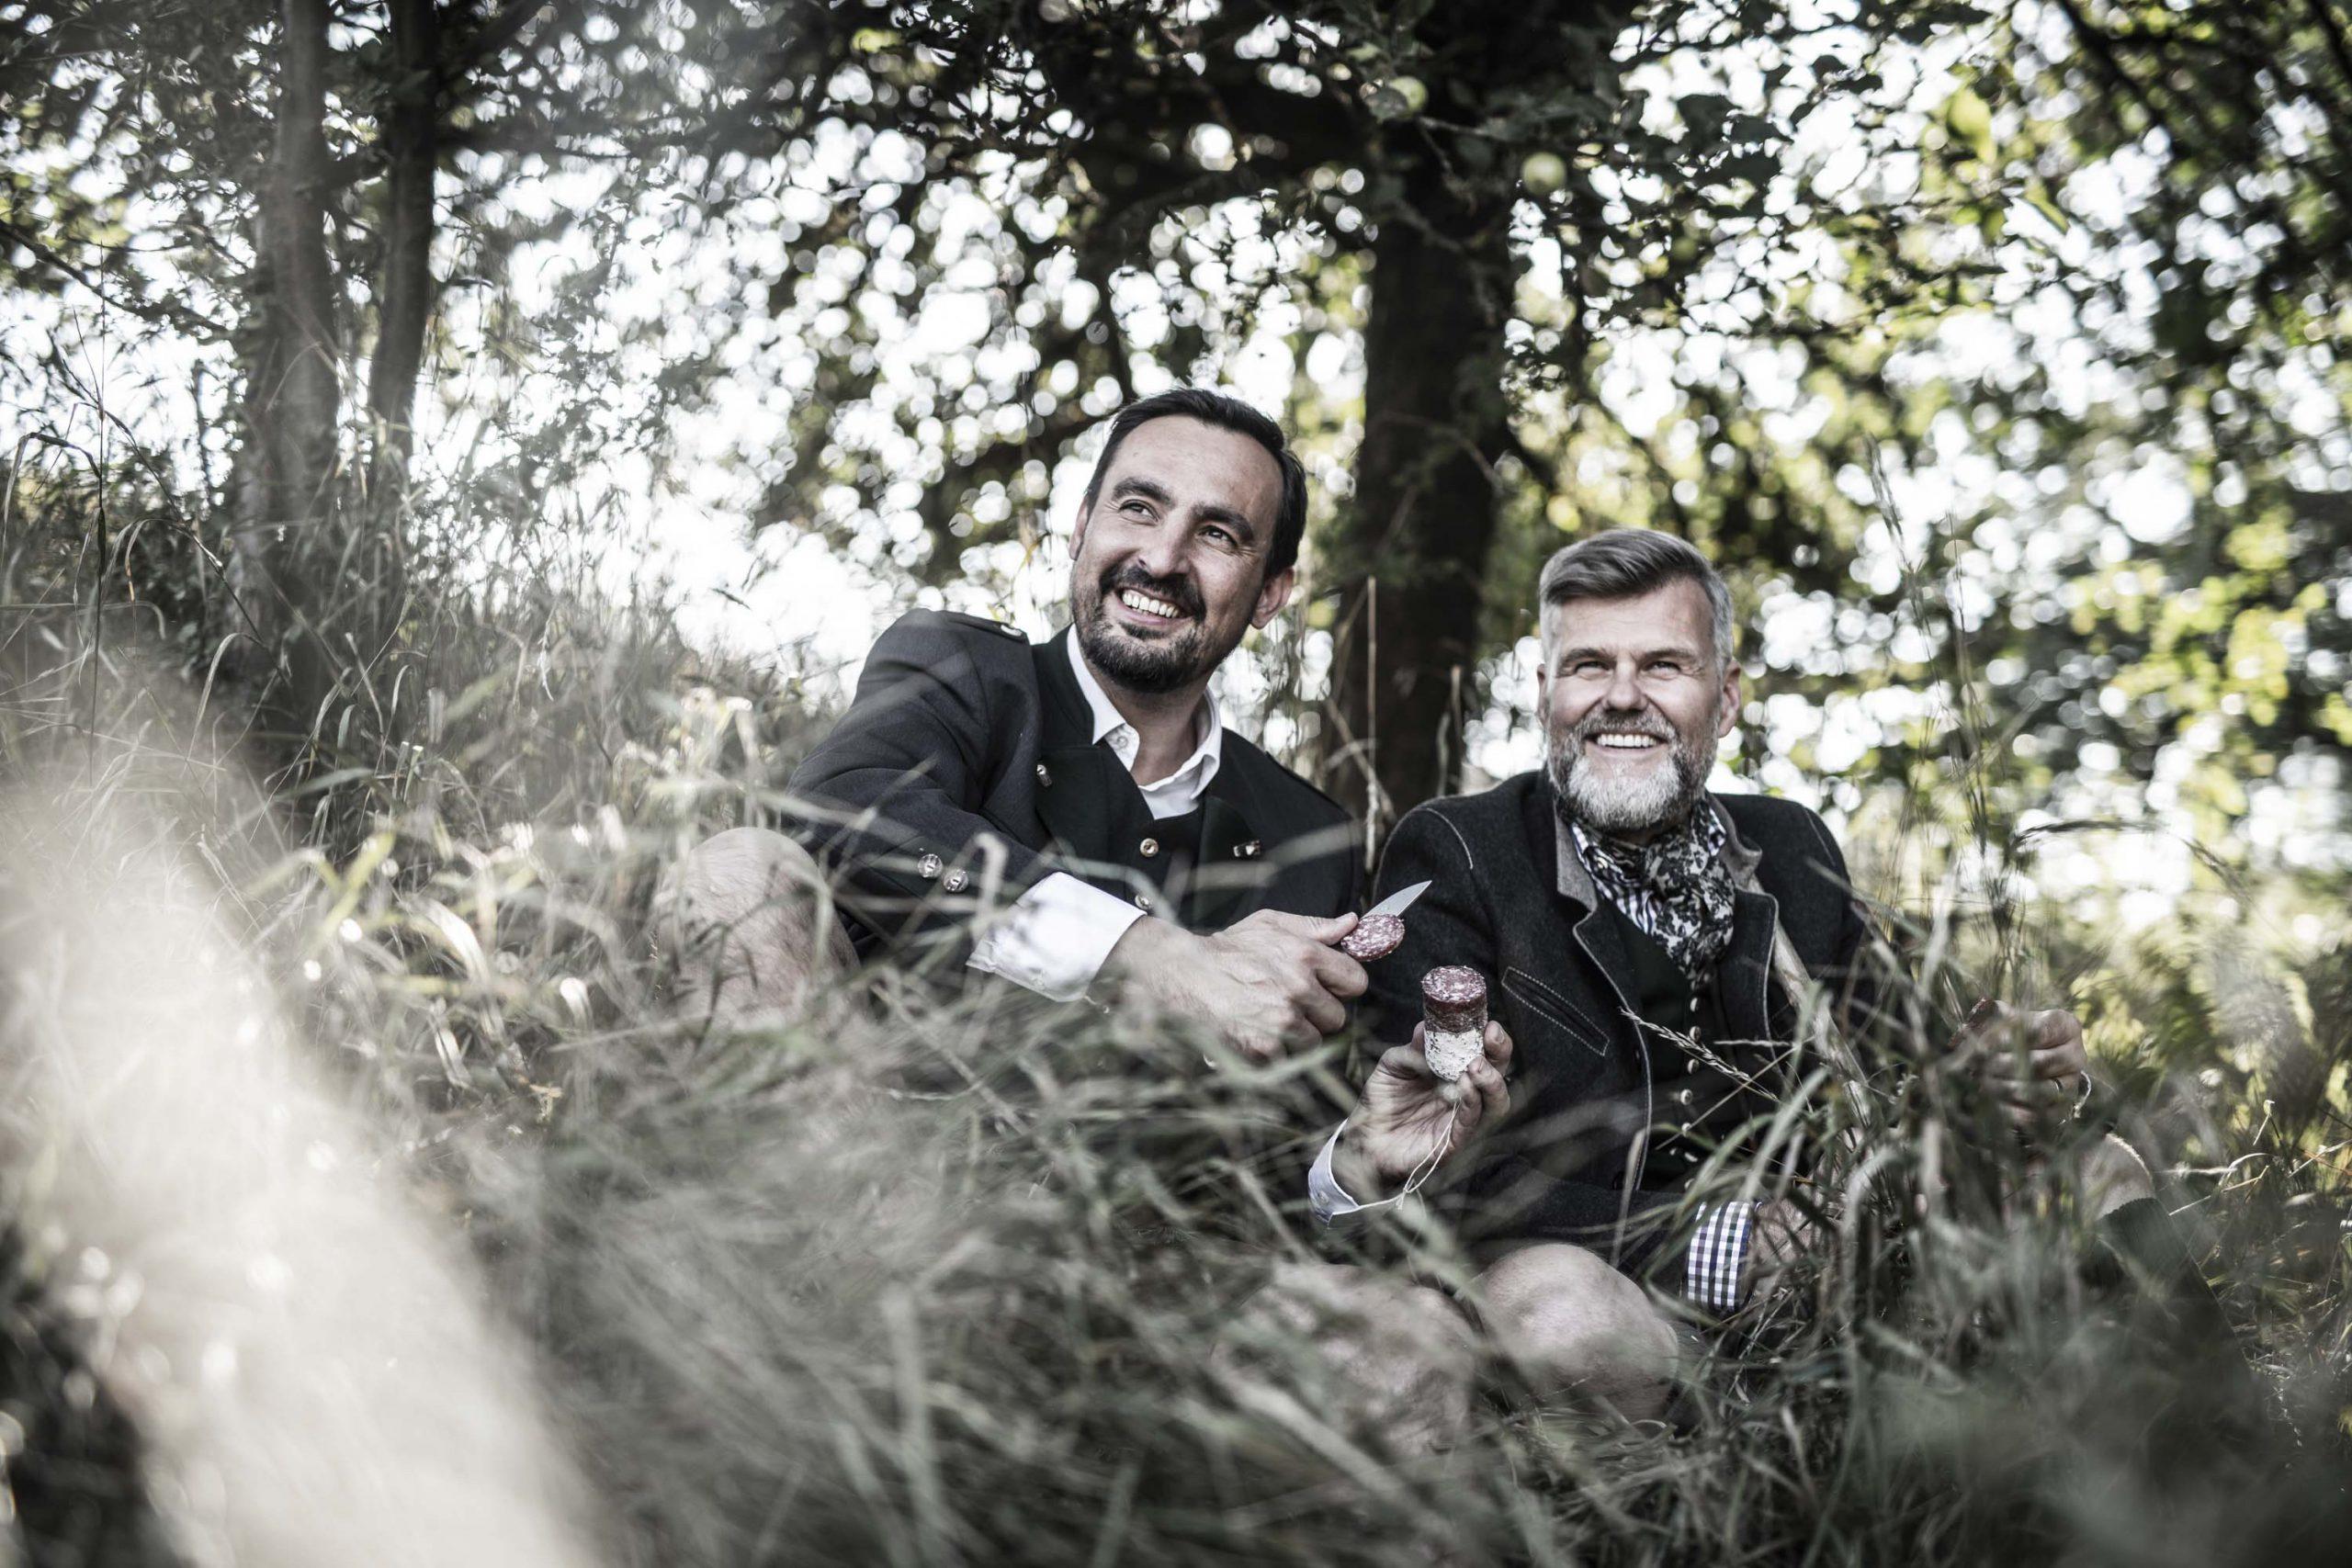 Zwei Jäger sitzen im Gras und essen eine Salami